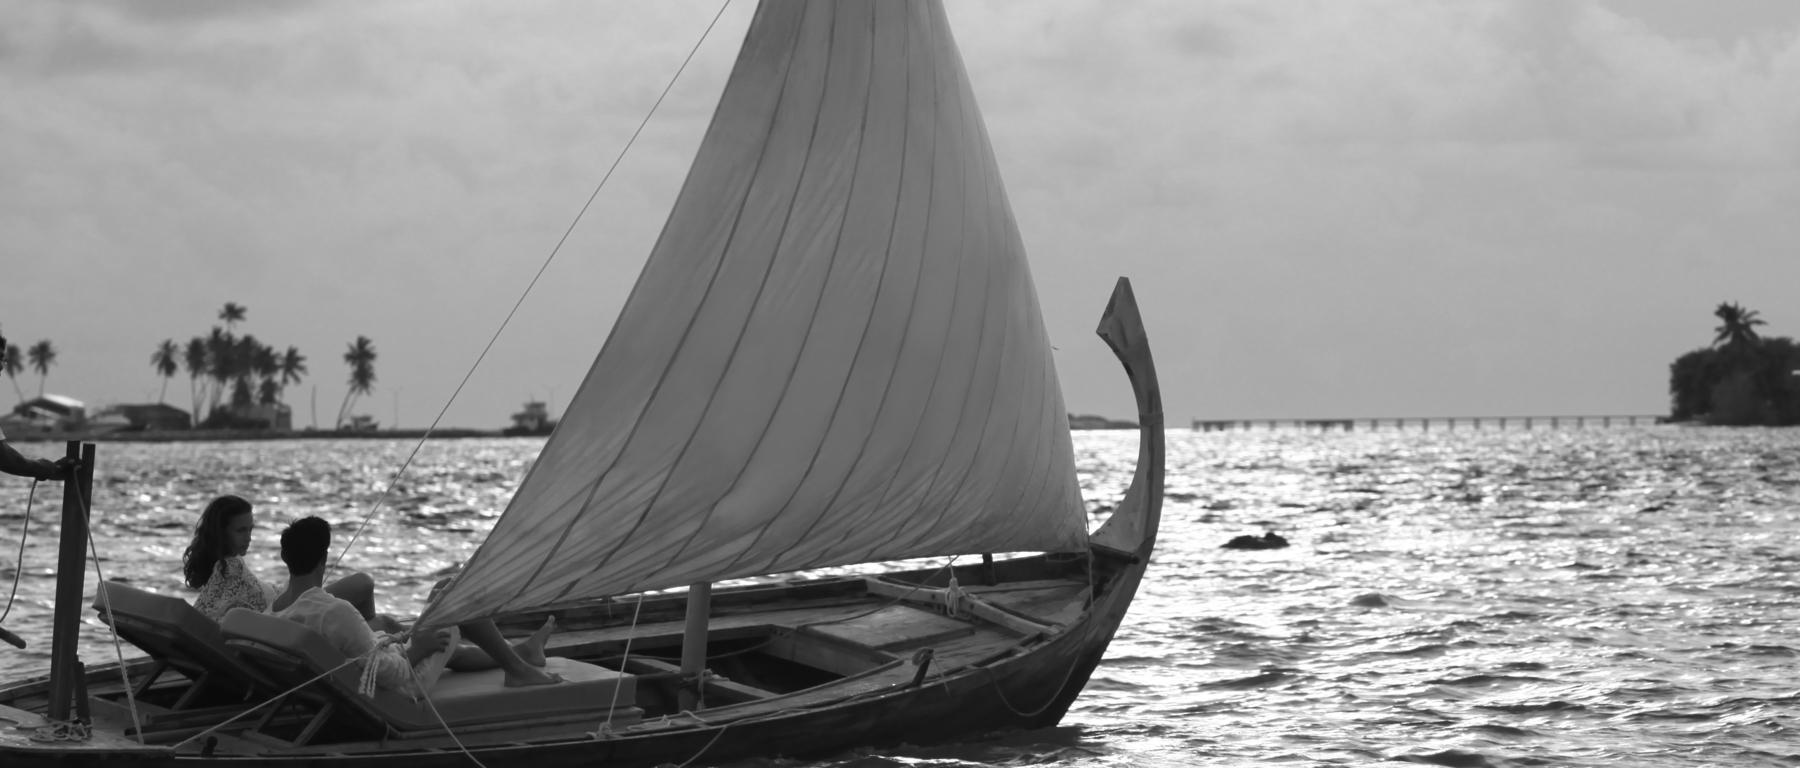 Honeymoon couple on boat